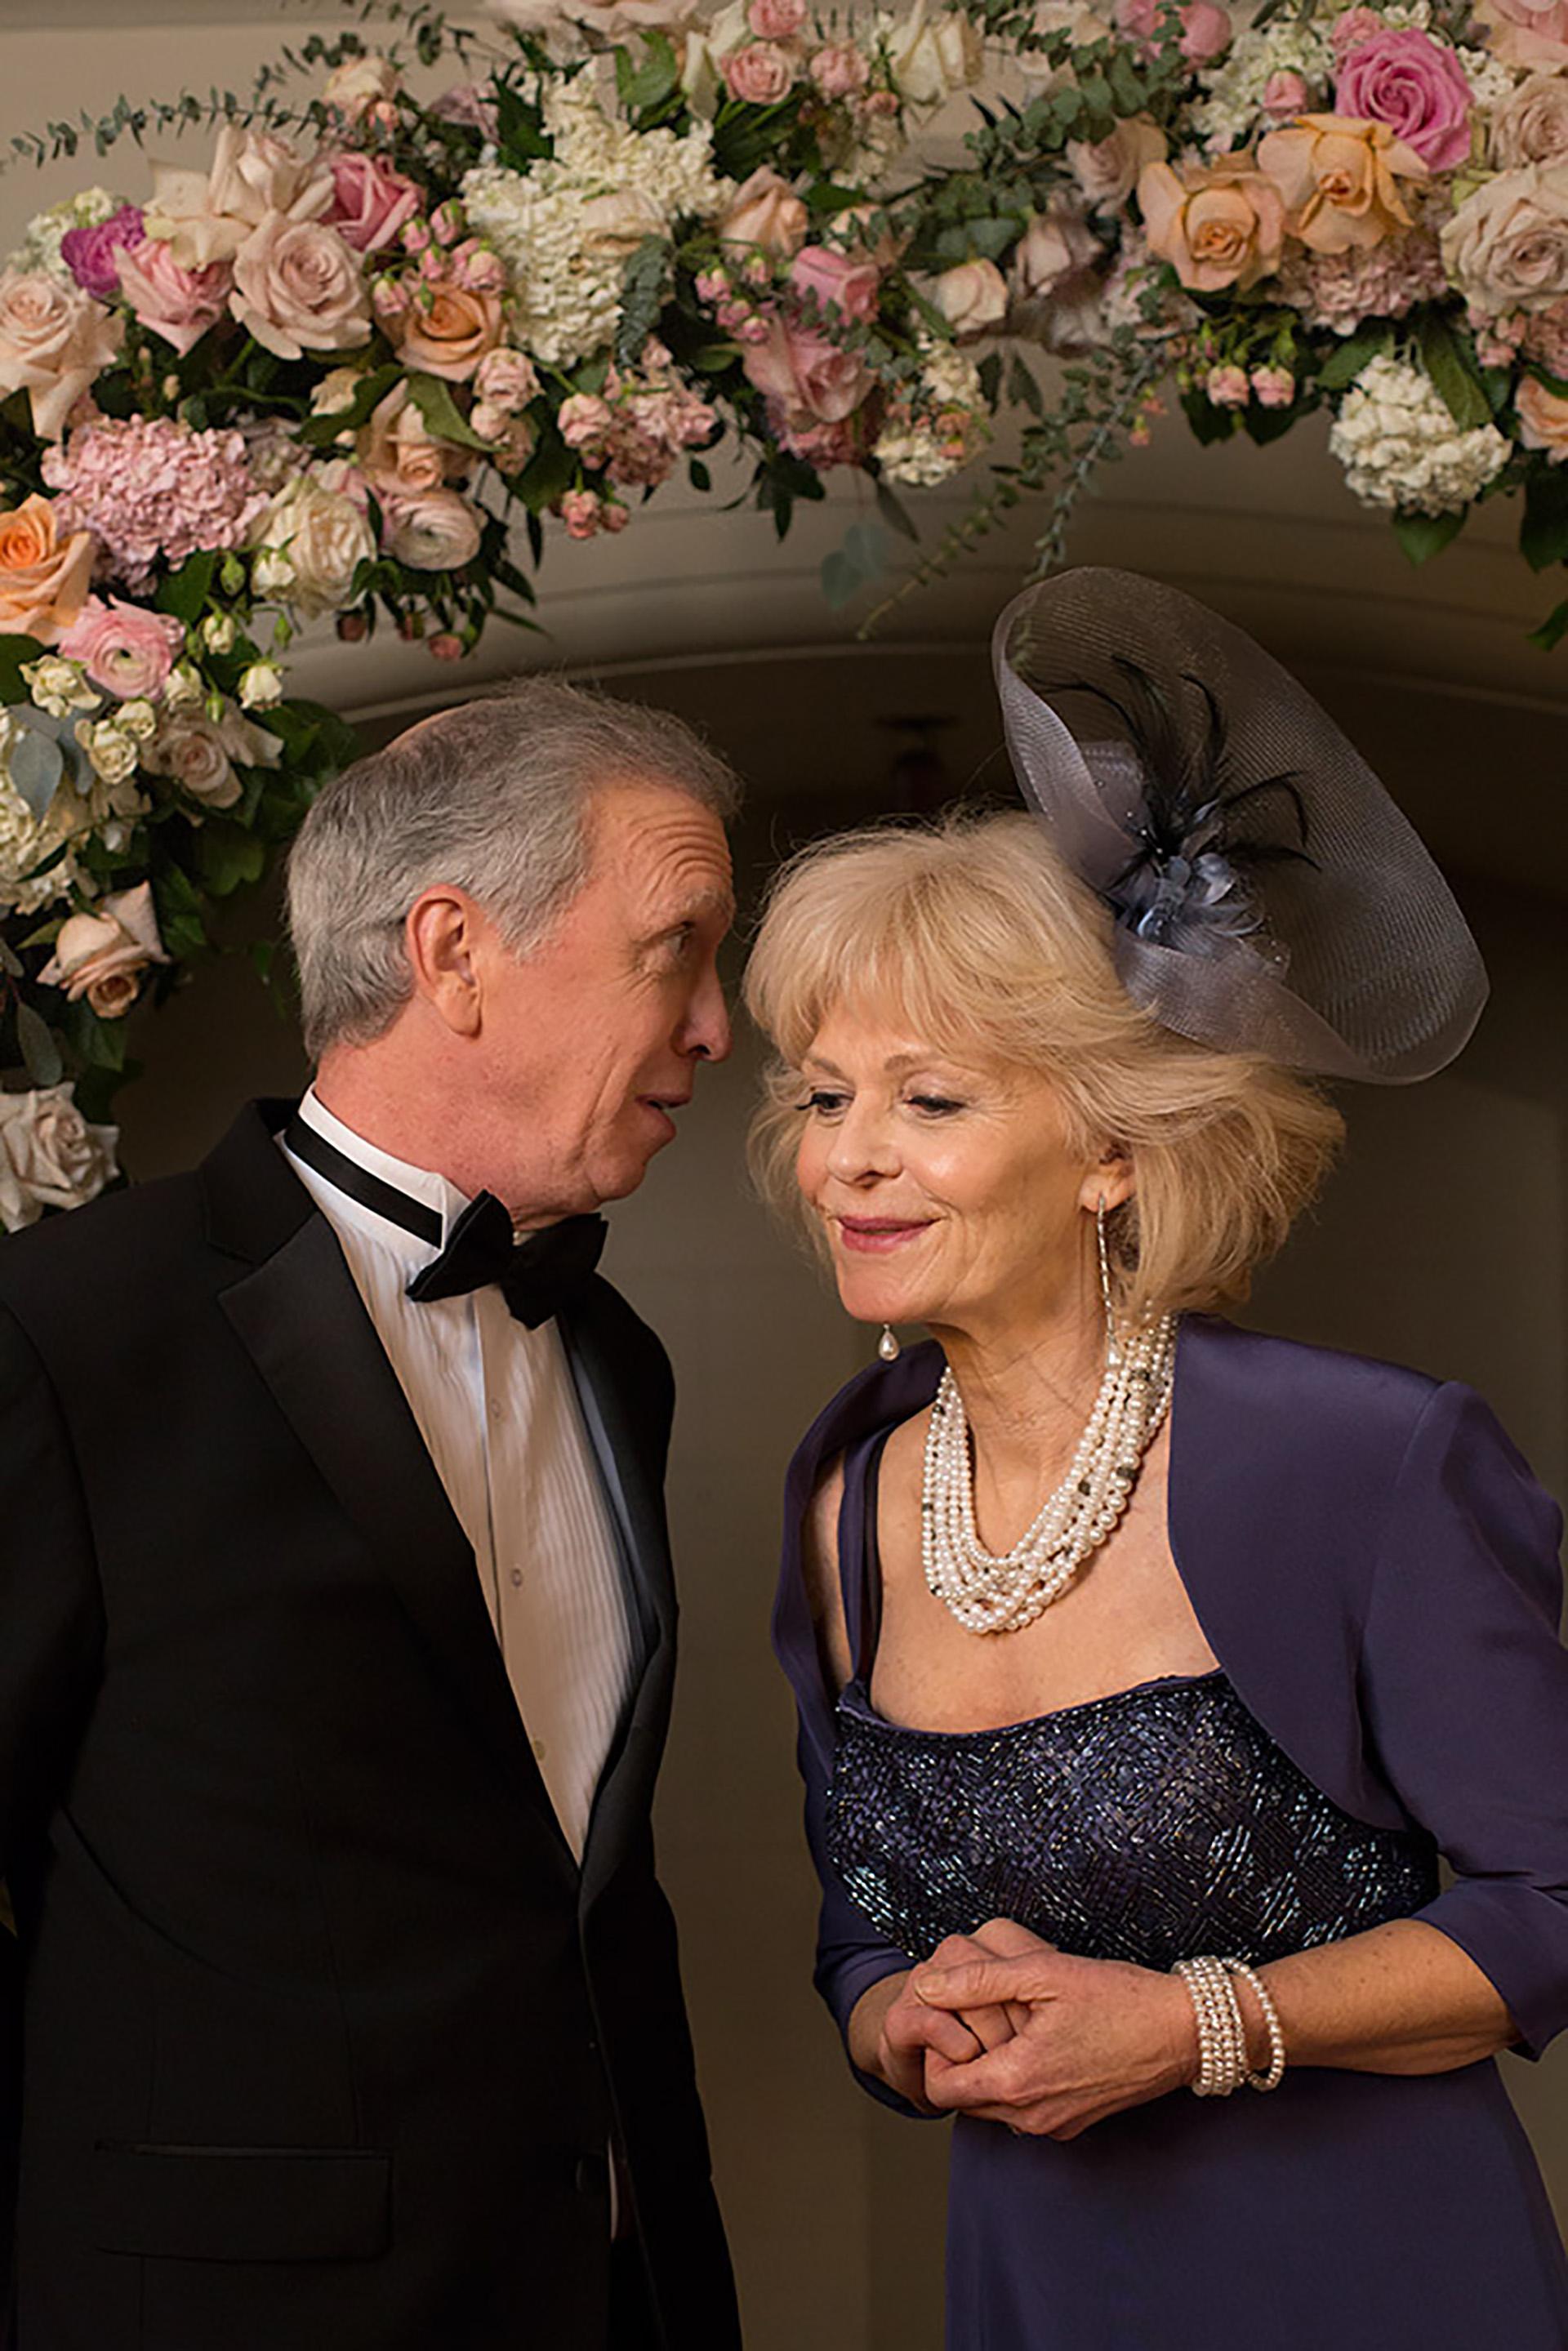 Steve Coulter interpretará al Príncipe Carlos y Deborah Ramsay a Camila Bowles